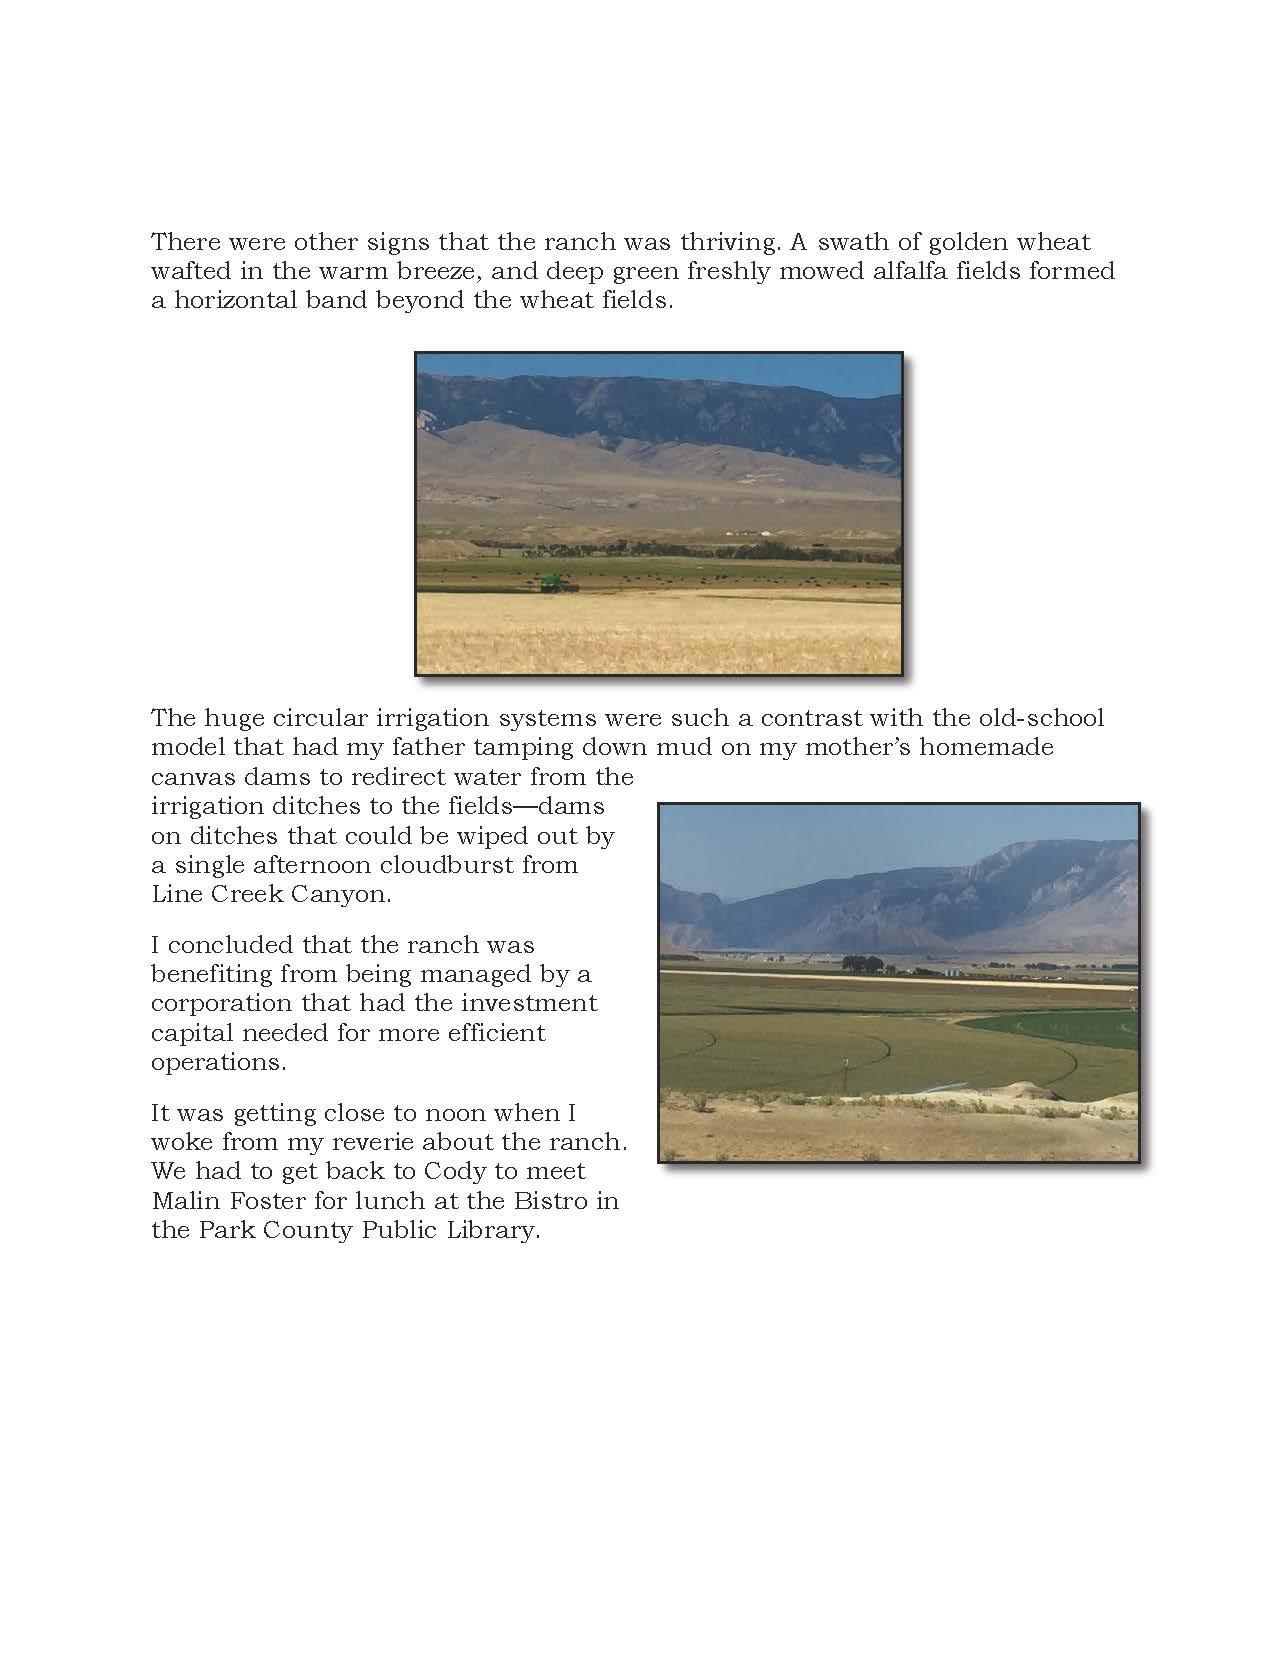 wyoming-book-tour-master-rev-10-23-16-1_page_16